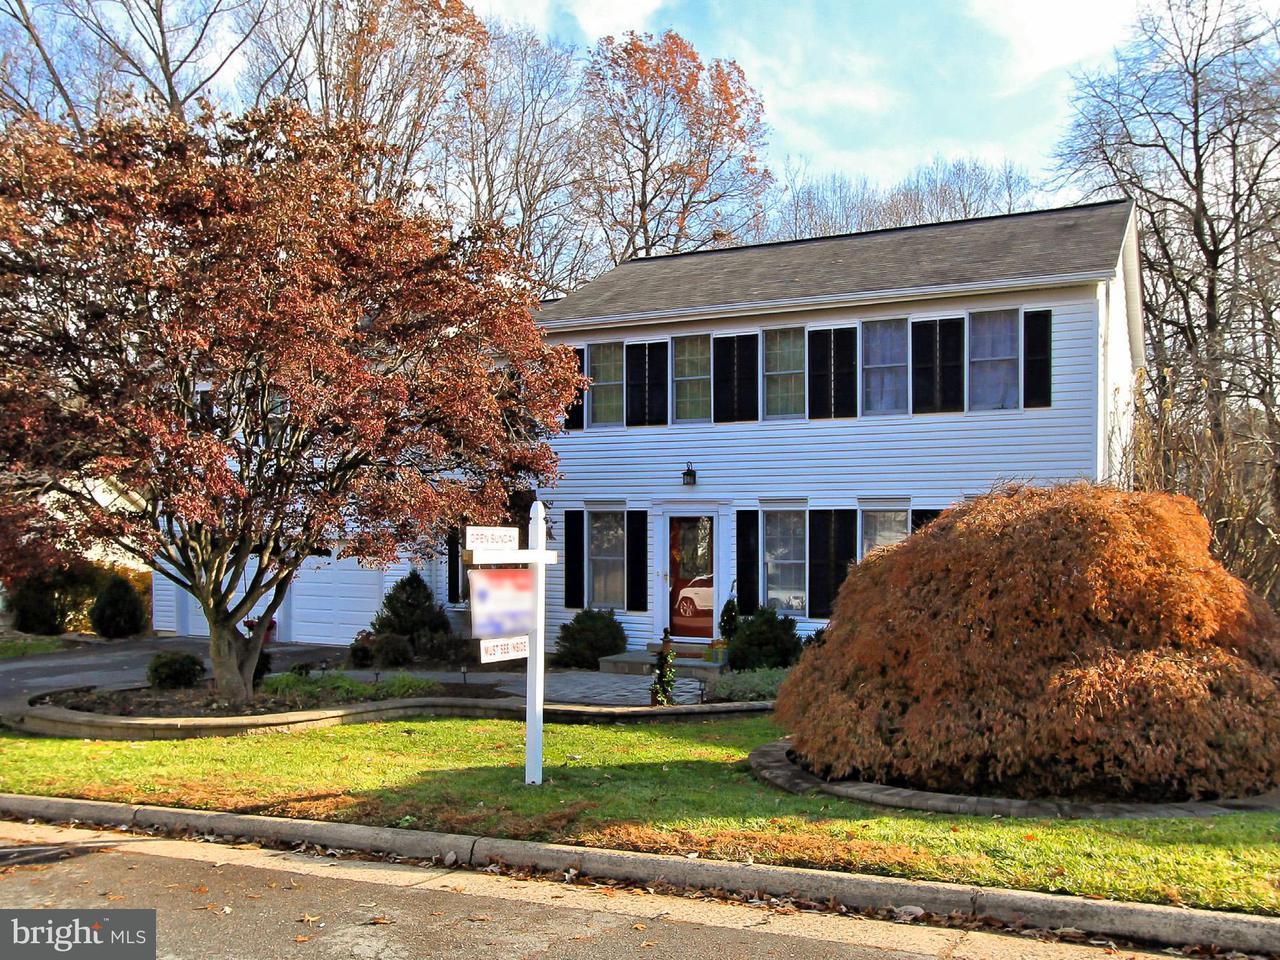 獨棟家庭住宅 為 出售 在 5935 BURNSIDE LANDING Drive 5935 BURNSIDE LANDING Drive Burke, 弗吉尼亞州 22015 美國